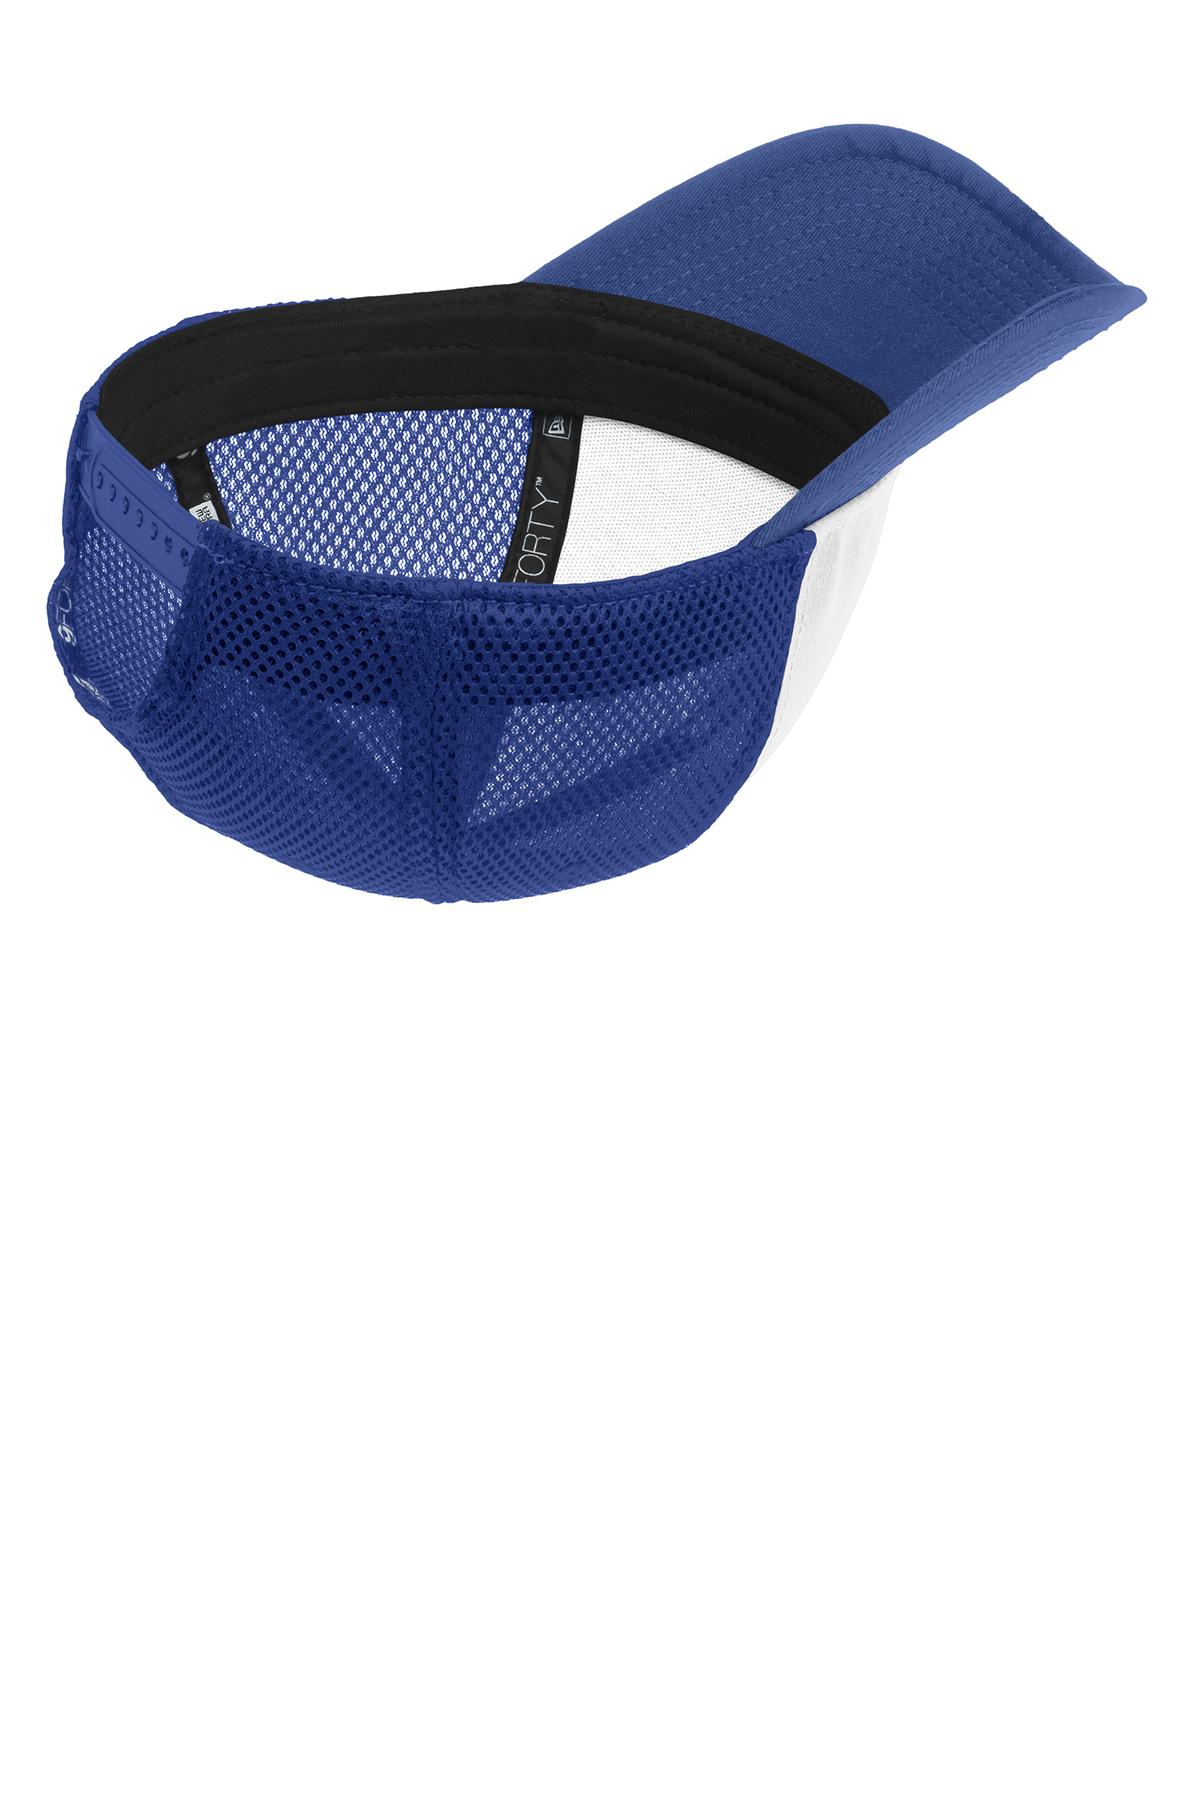 7207a9229 New Era® - Snapback Contrast Front Mesh Cap | Fashion | Caps | SanMar